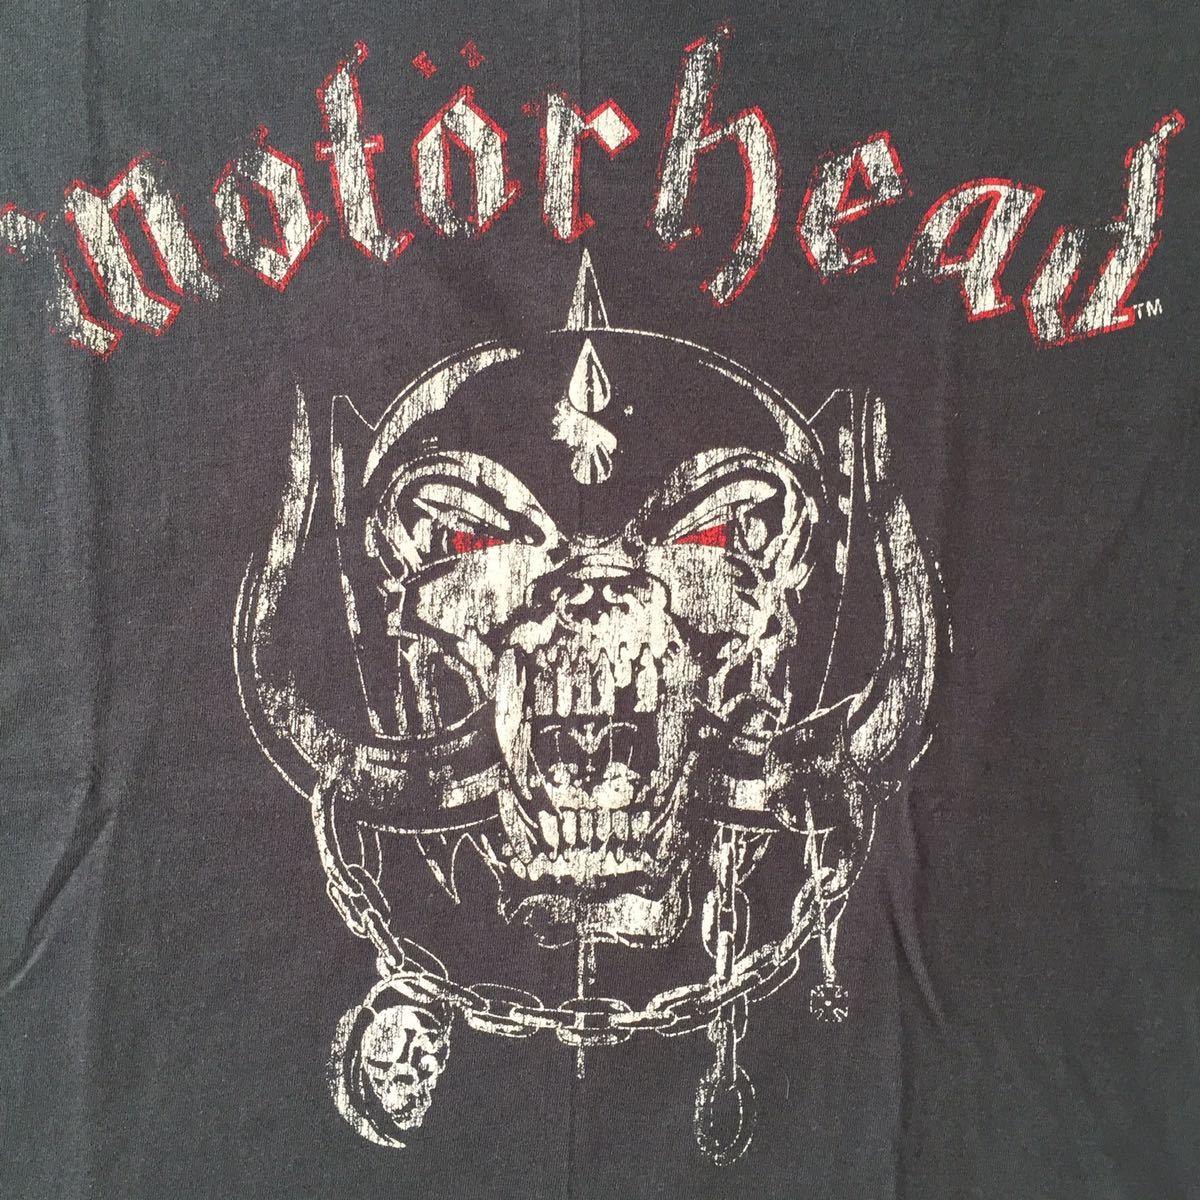 バンドTシャツ    モーターヘッド (Motor Head) 新品M_画像2